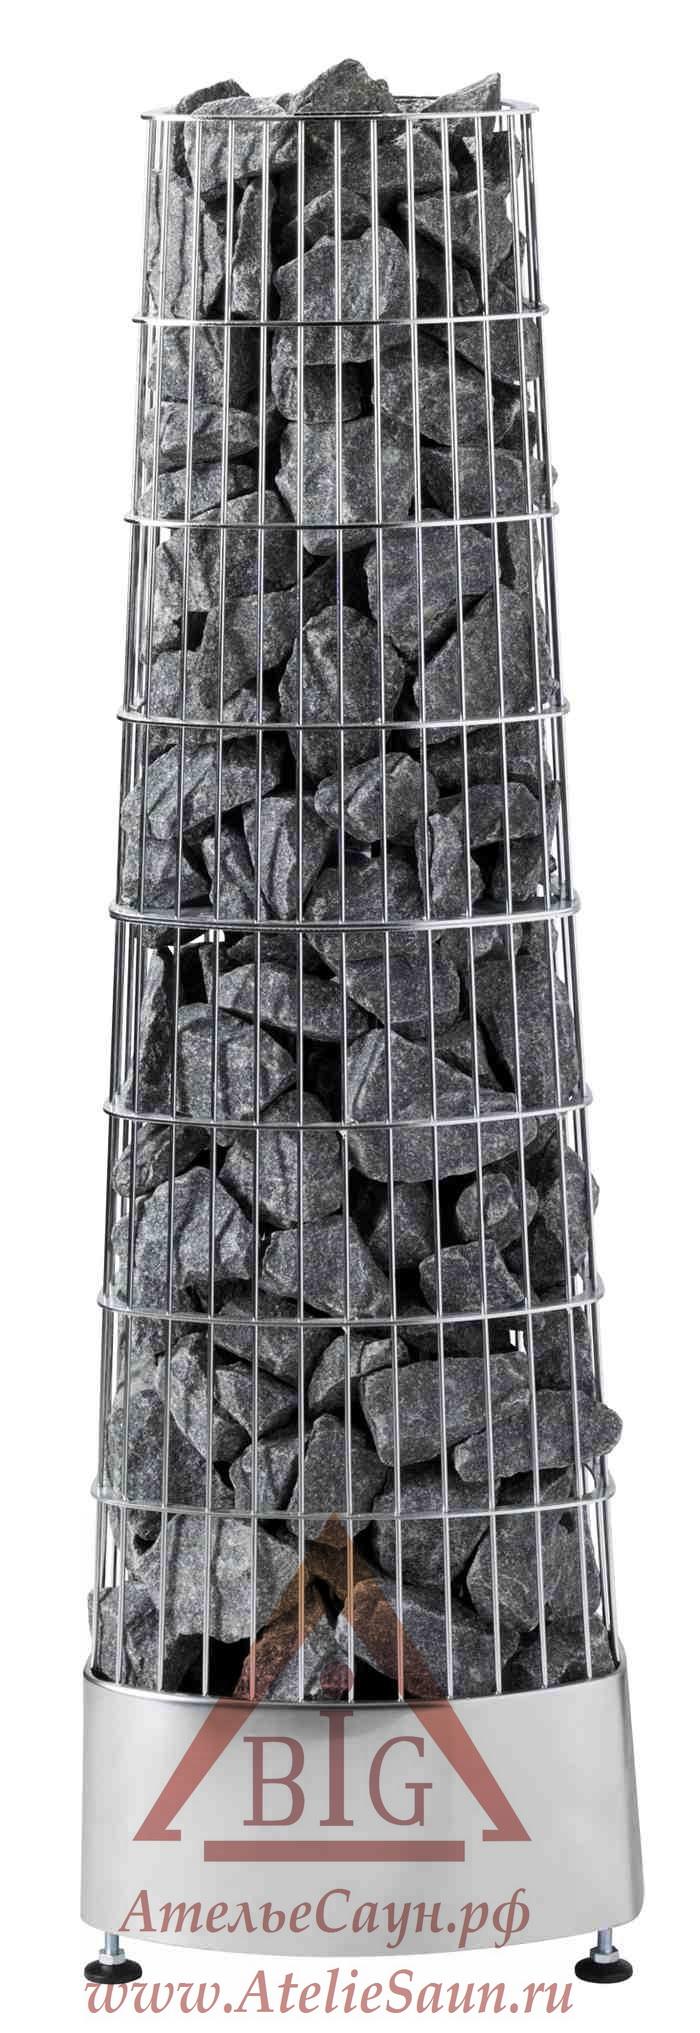 Печь для сауны Harvia Kivi PI 70 Е (без пульта)